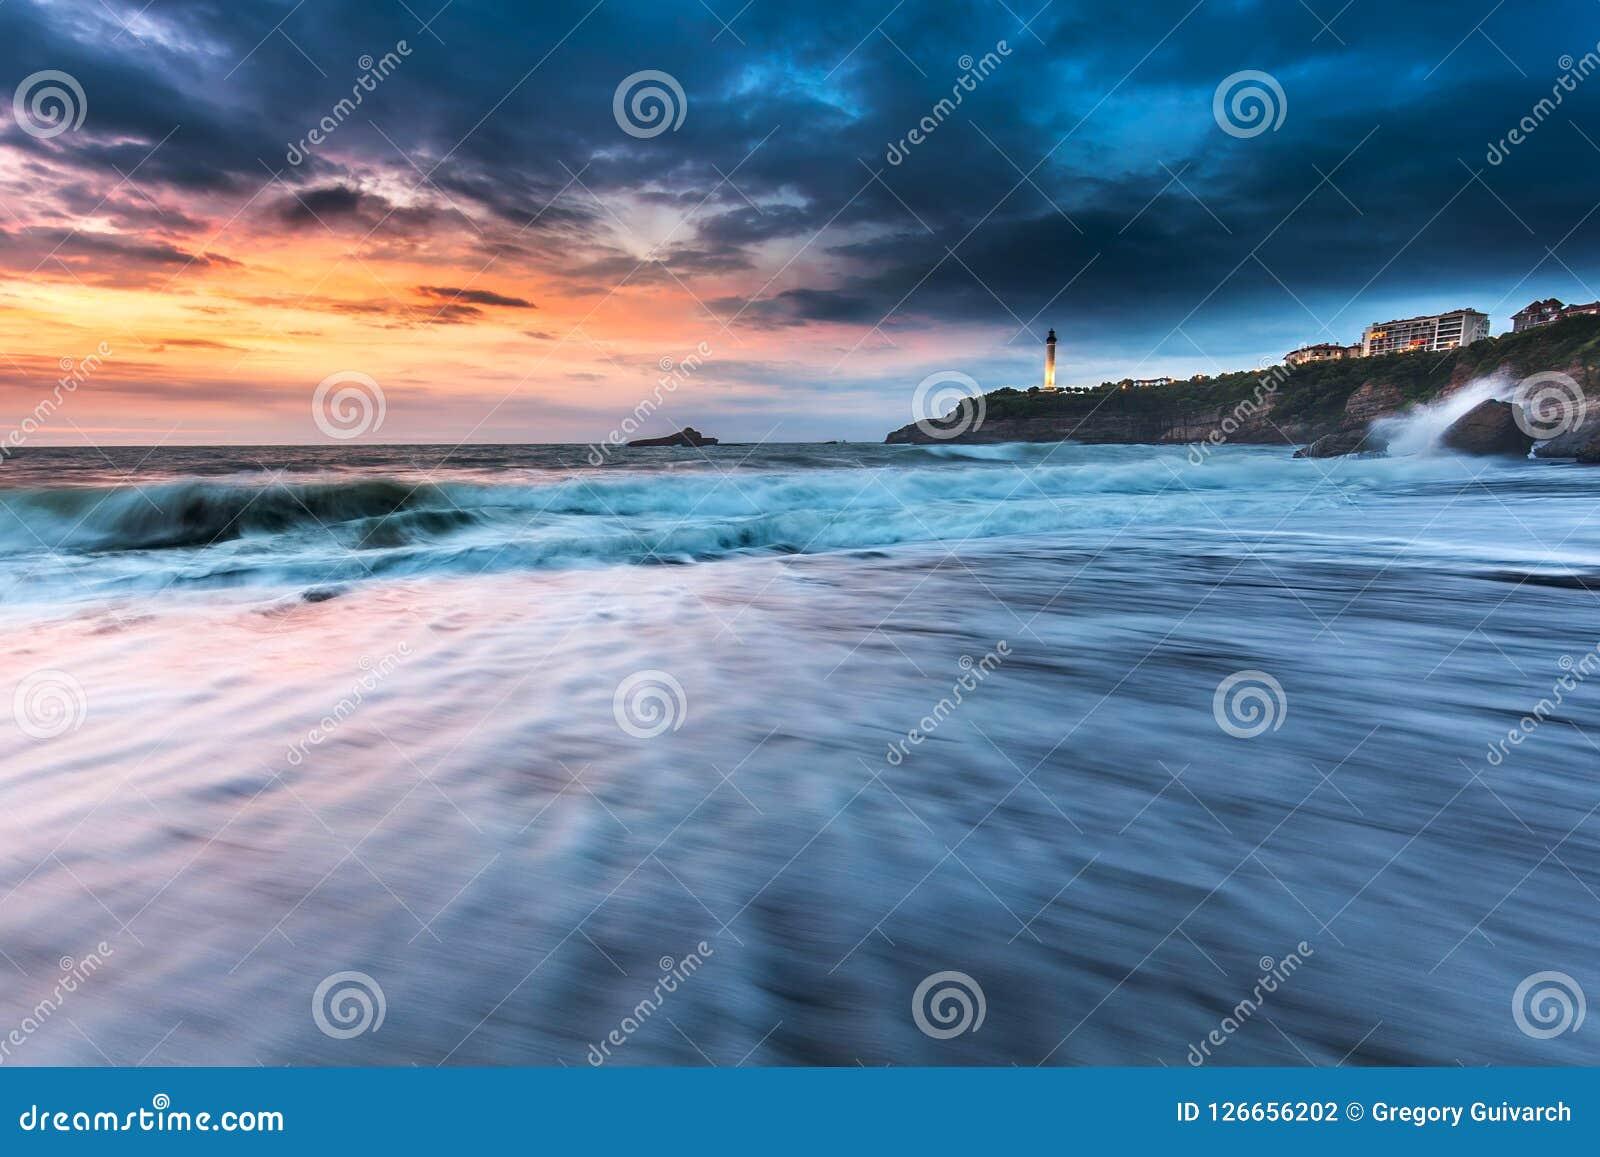 波浪比亚利兹海滩米拉马尔